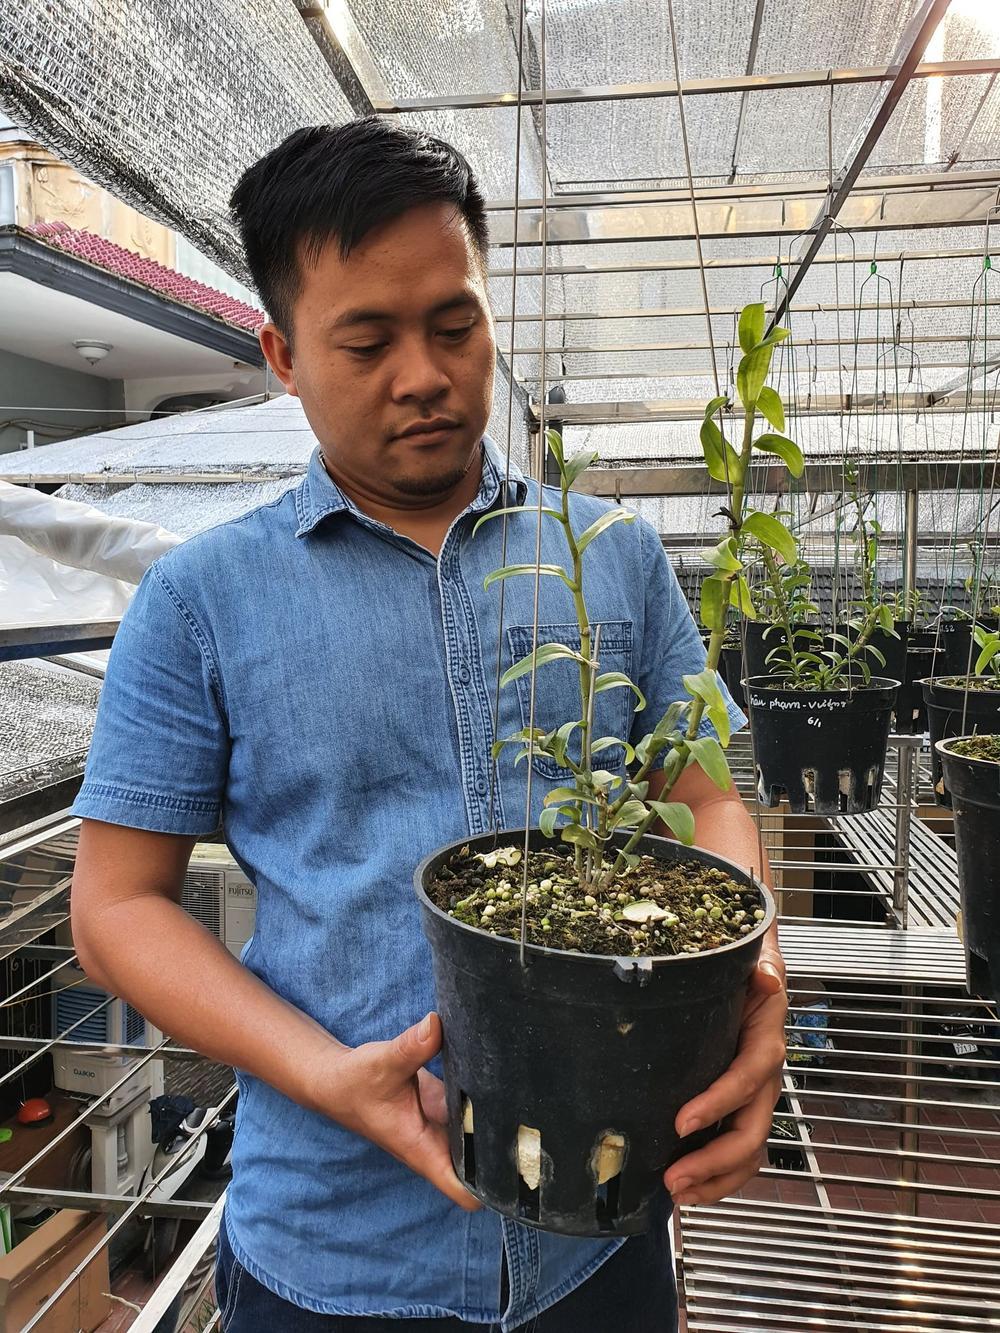 Ông chủ vườn lan Dương Xuân Tú thành công nhờ đam mê từ nhỏ Ảnh 3